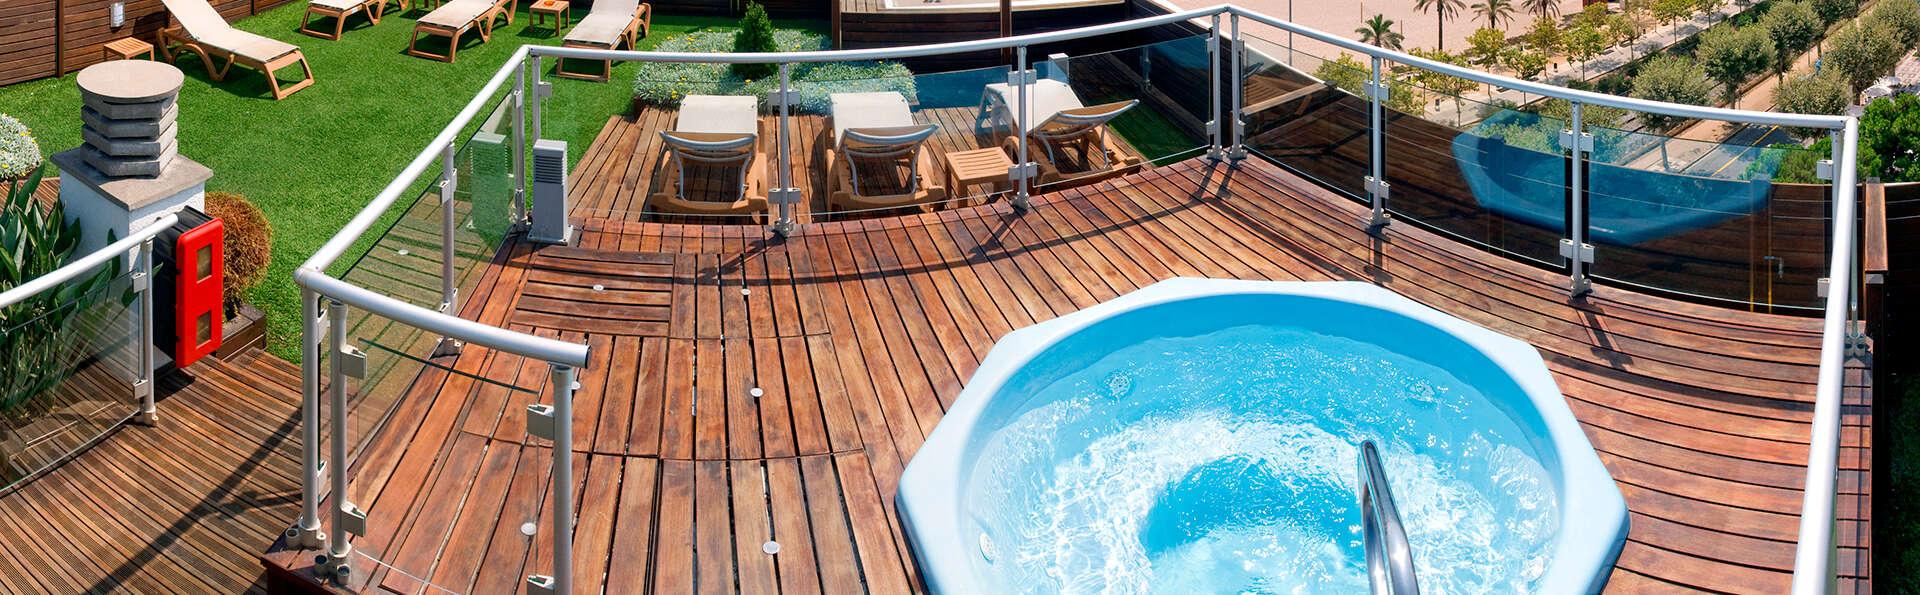 Offre à Calella : avec demi-pension et bien plus encore dans une chambre avec vue sur mer